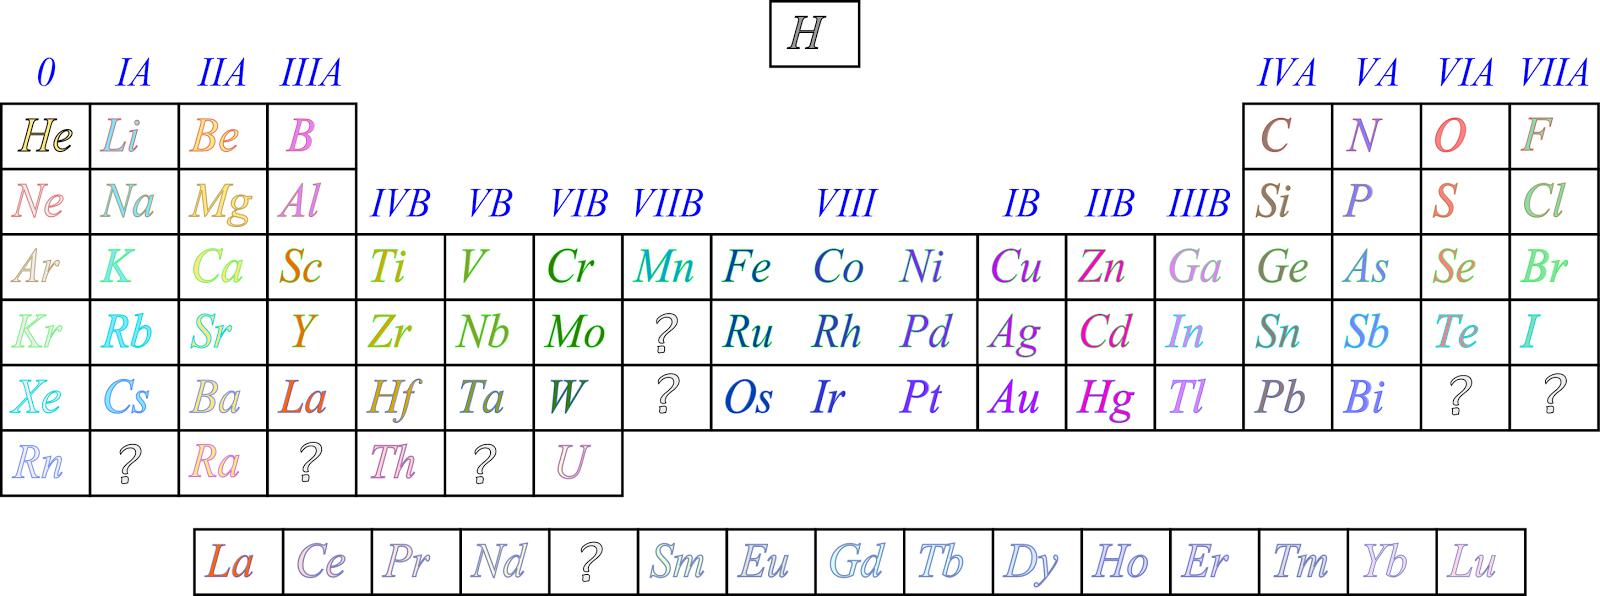 Ciencias de joseleg 2 historia de la tabla peridica en 1923 deming reorganiz la tabla de moseley de forma tal que tuviera 18 columnas urtaz Image collections